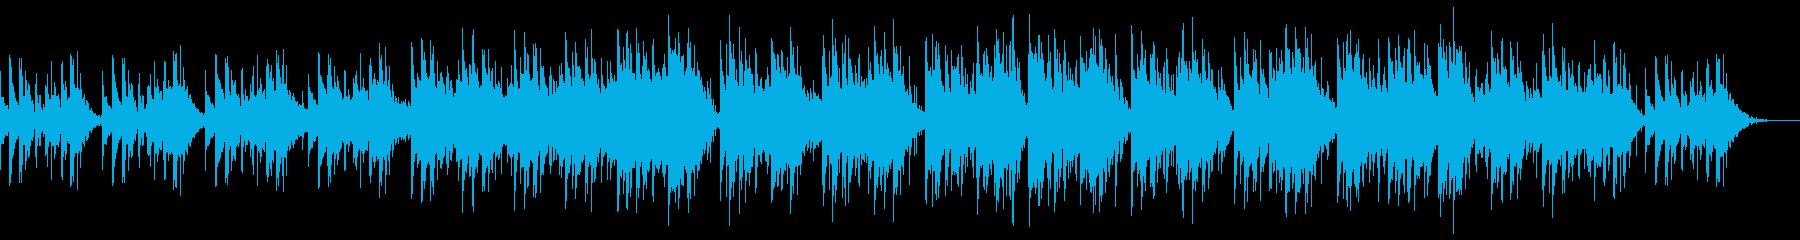 エレクトロニック 静か 平和 アン...の再生済みの波形